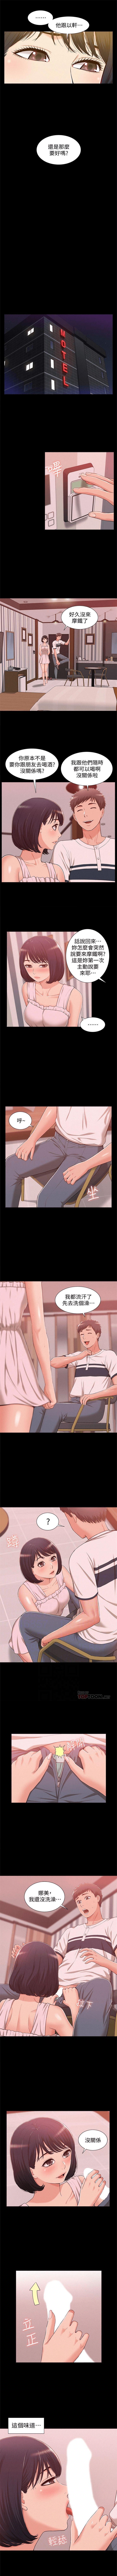 (週4)難言之隱 1-24 中文翻譯(更新中) 51